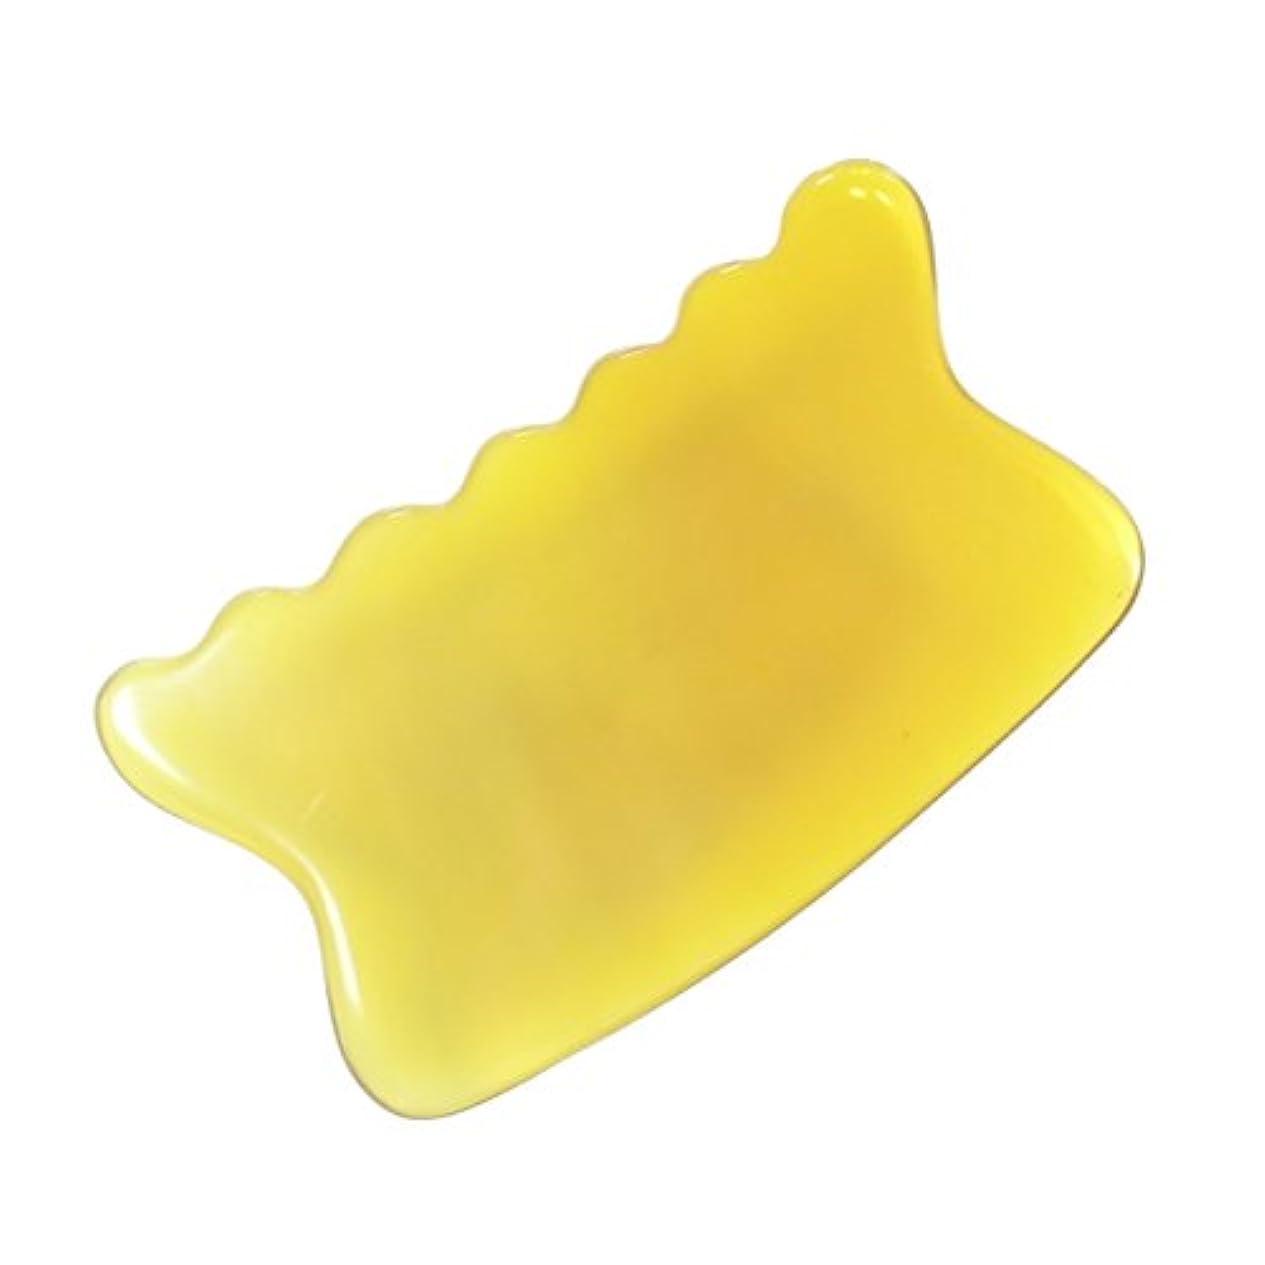 土器上昇スイッチかっさ プレート 希少55 黄水牛角 極美品 曲波型